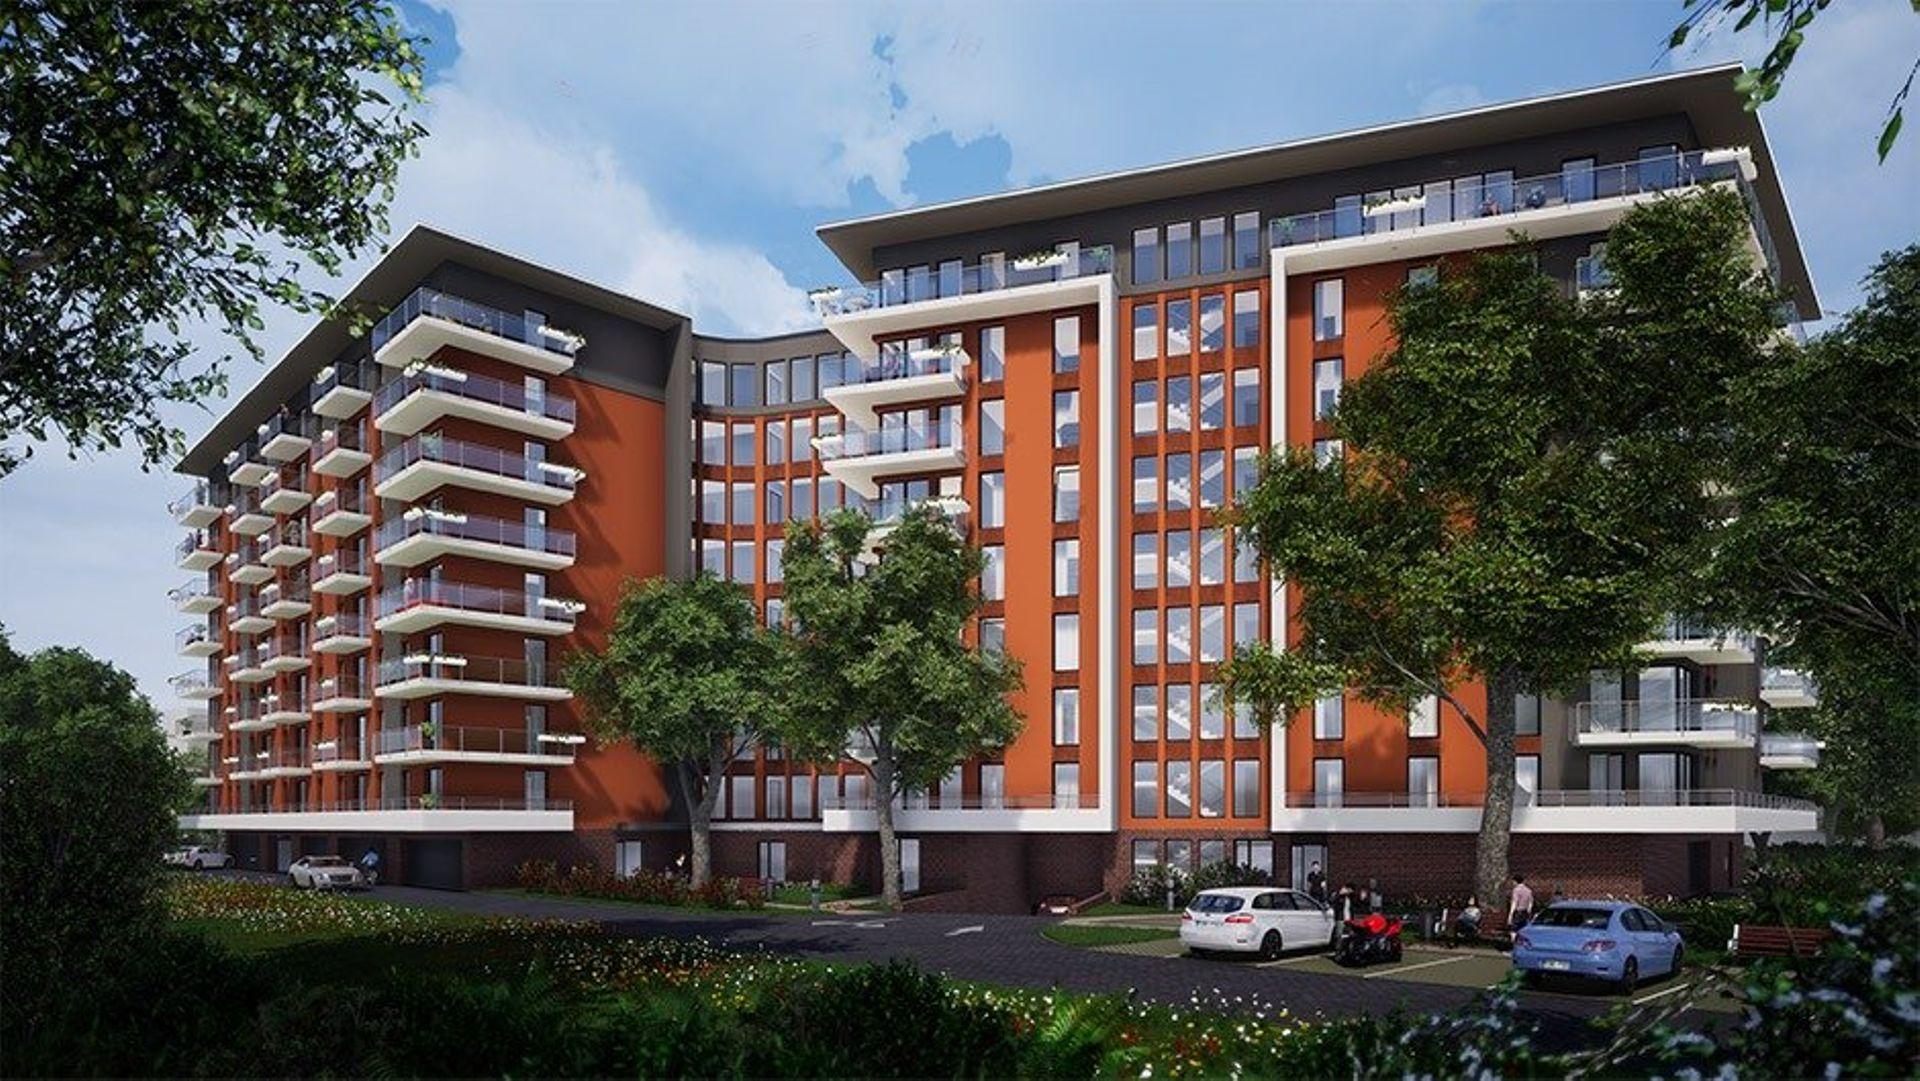 Łódź: Apartamenty 8 Dębów – przybywa mieszkań w sąsiedztwie Księżego Młyna